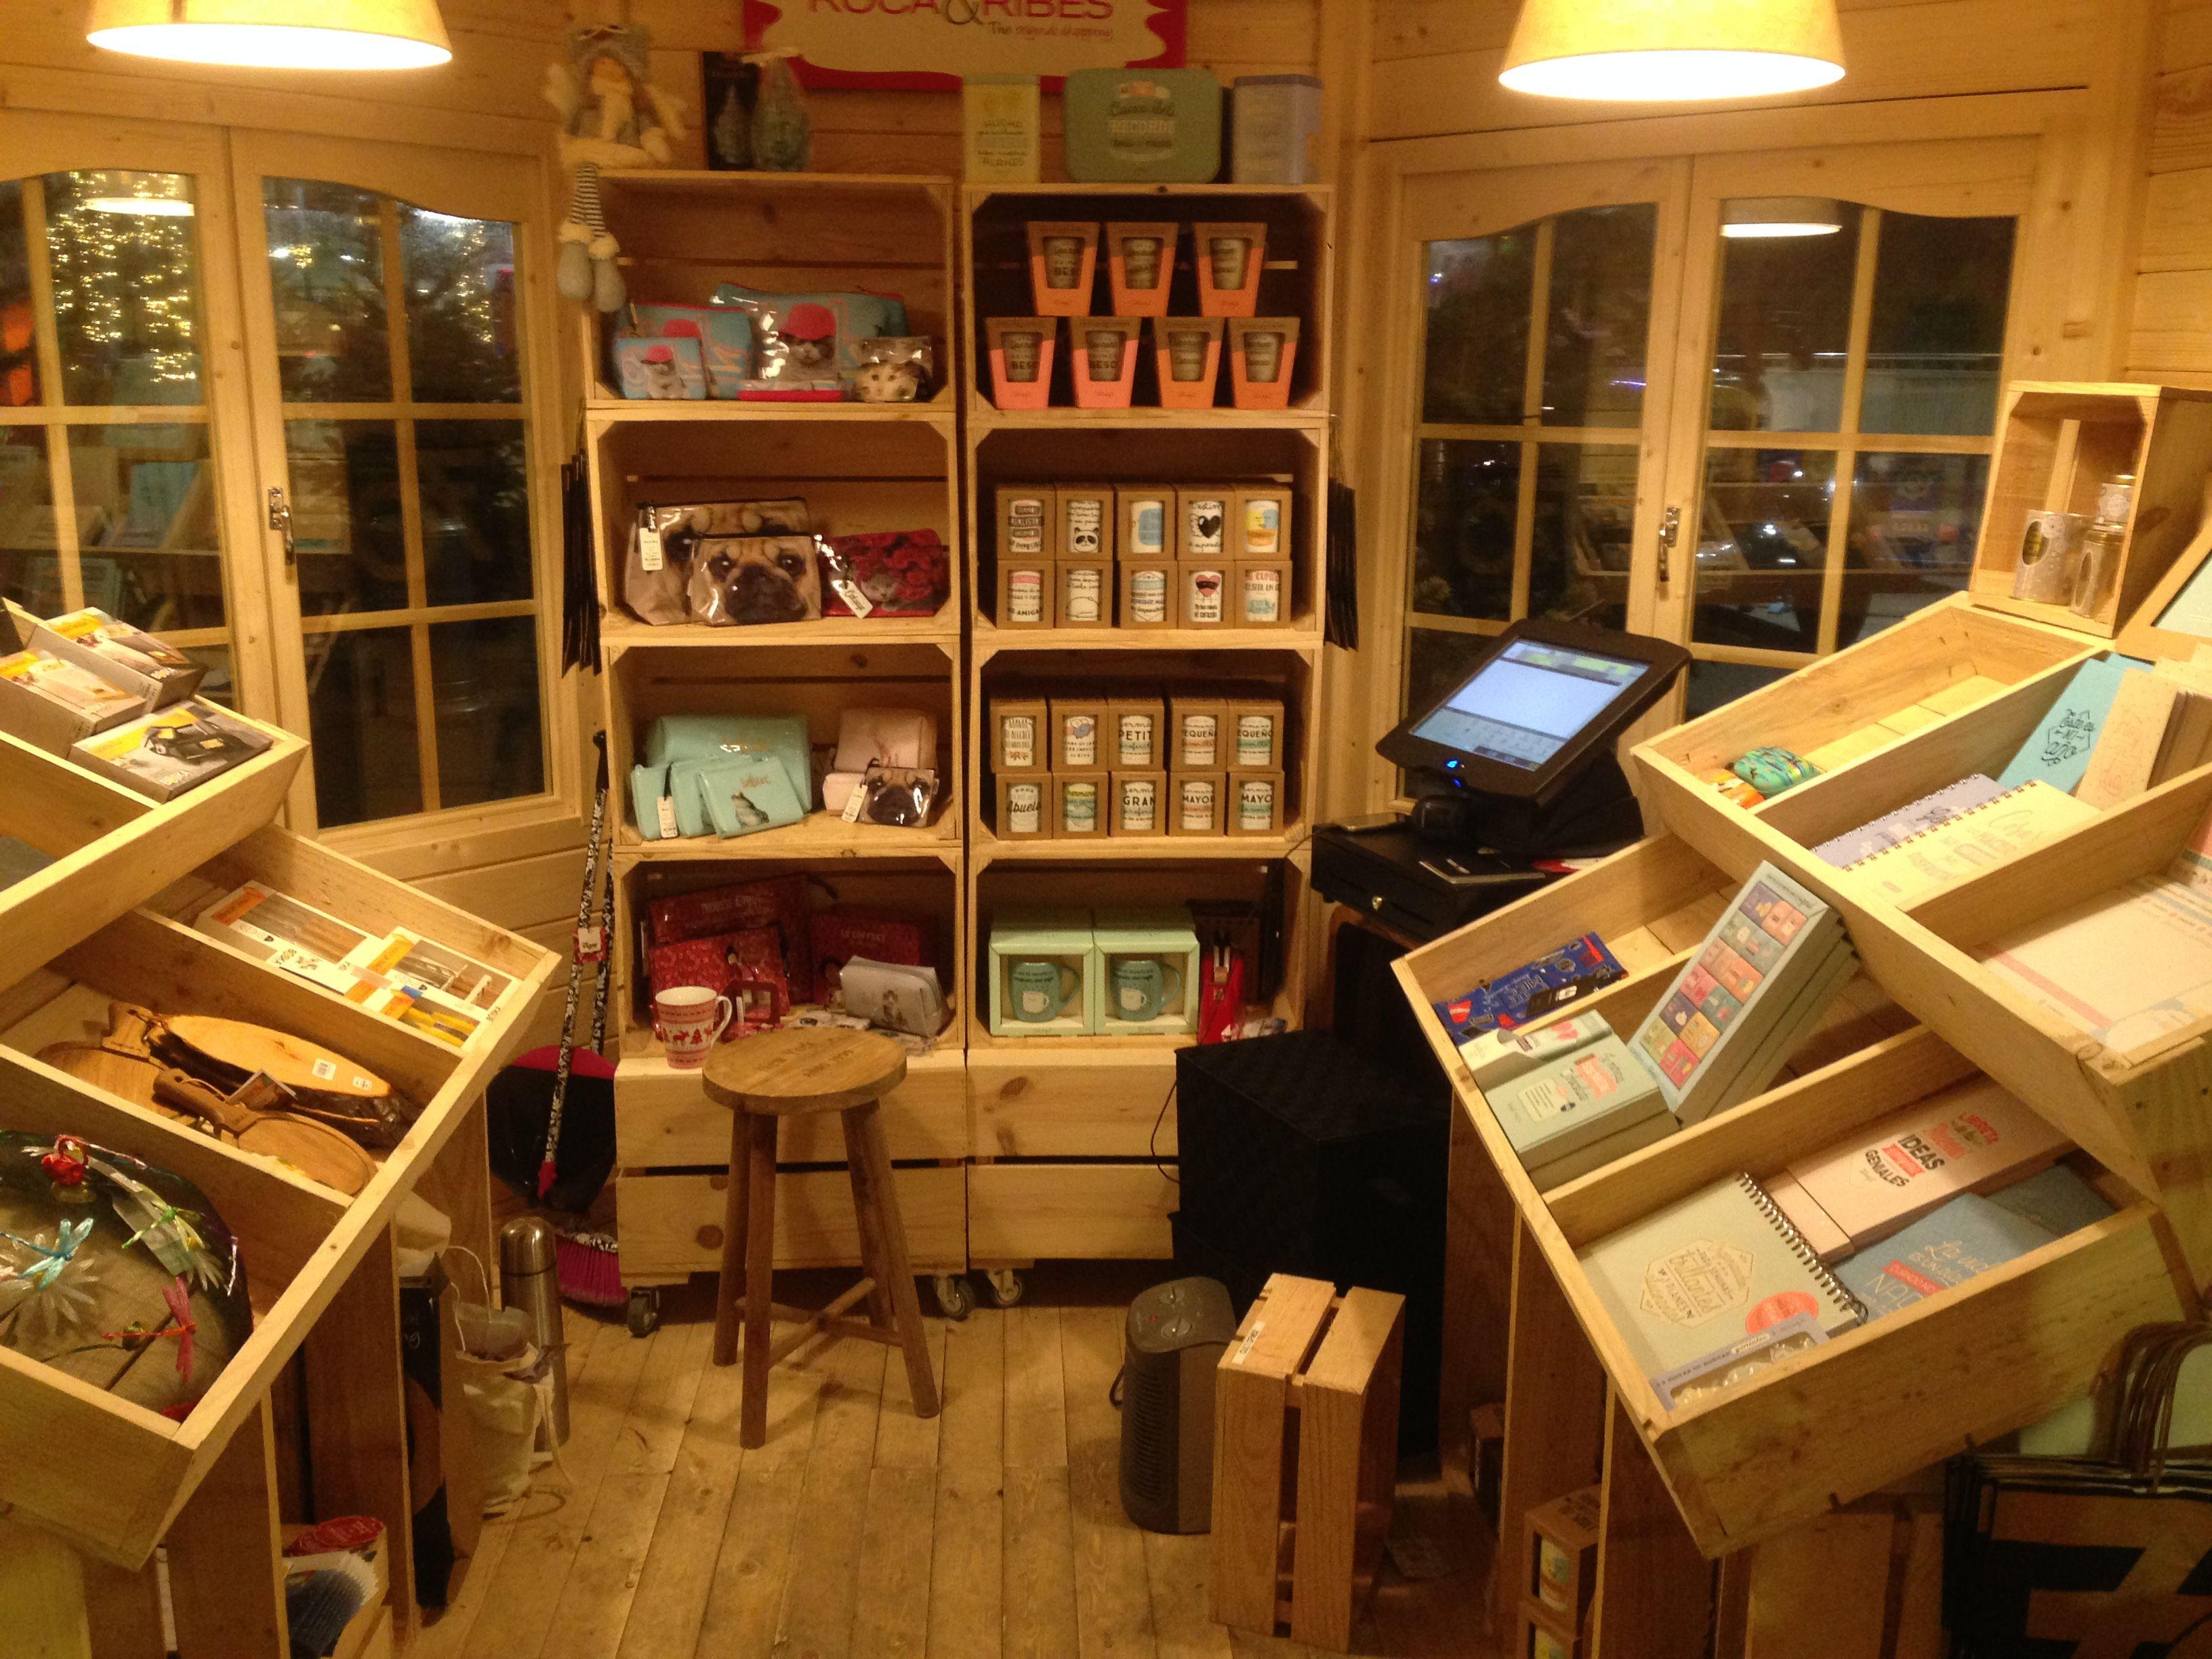 Muebles hechos con madera de palet cajas de madera fruta - Palet de madera decoracion ...